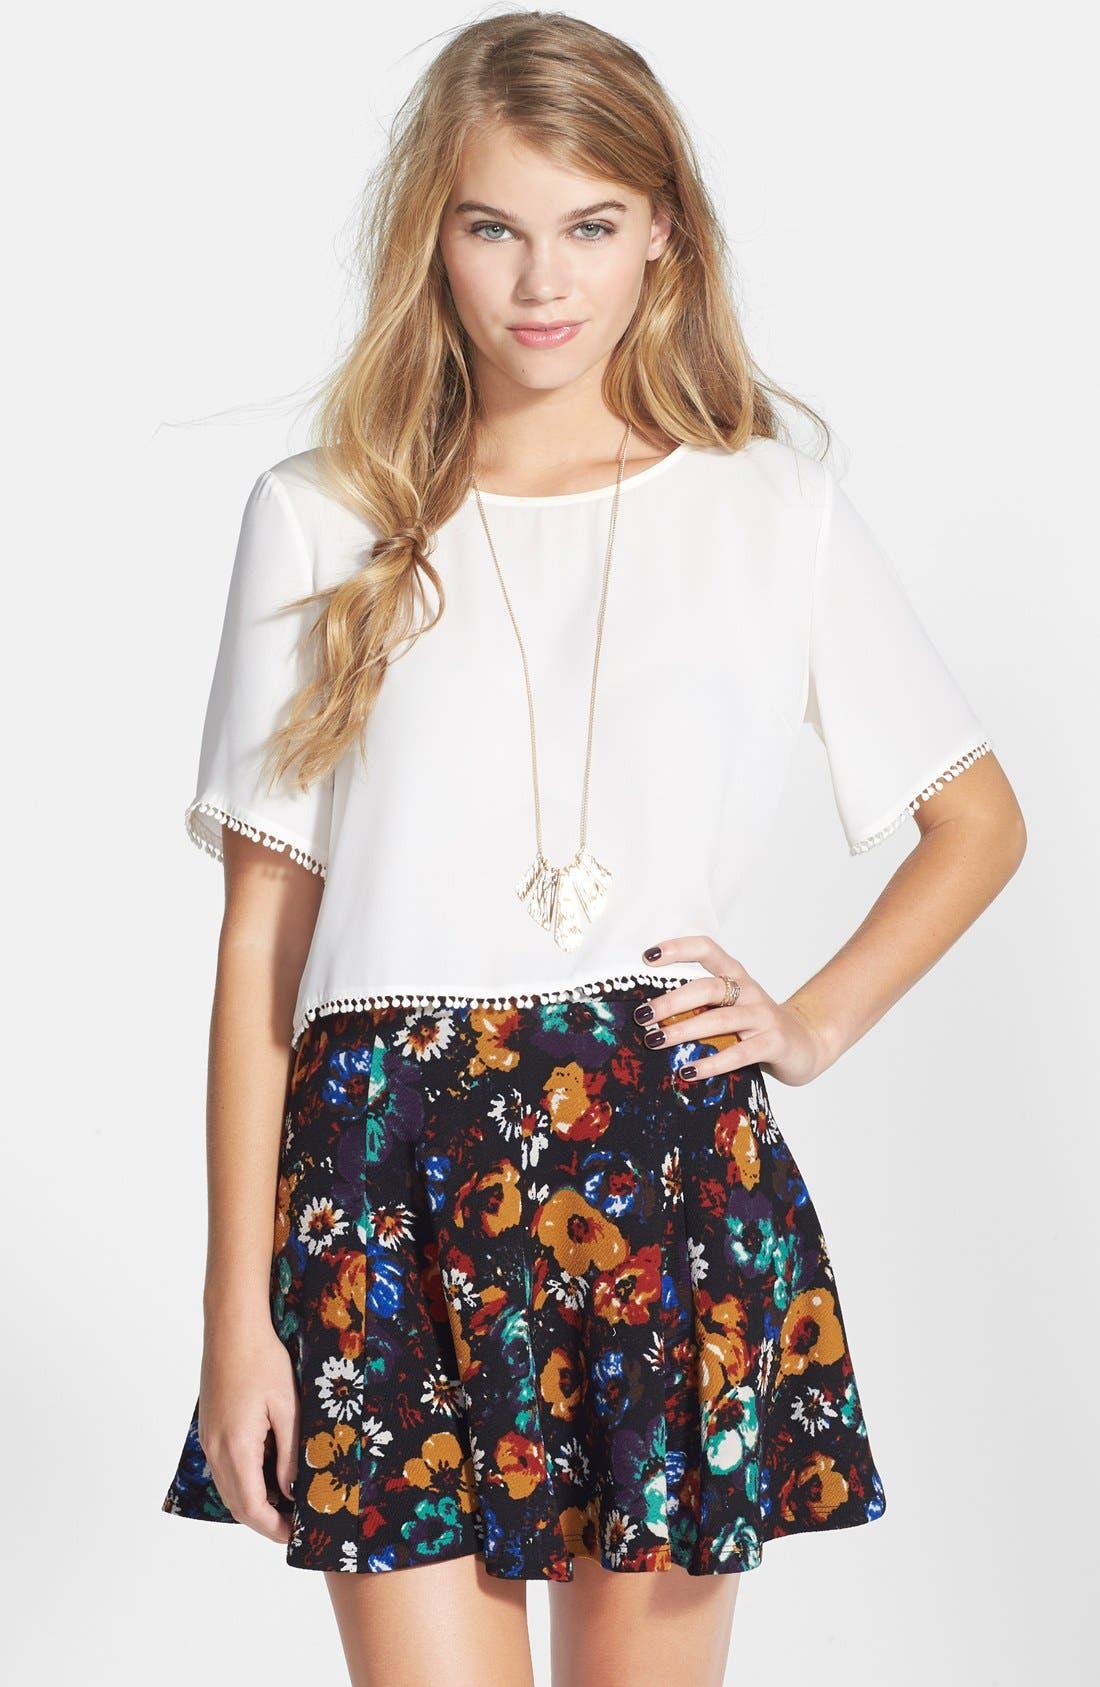 Alternate Image 1 Selected - Lush Textured Skater Skirt